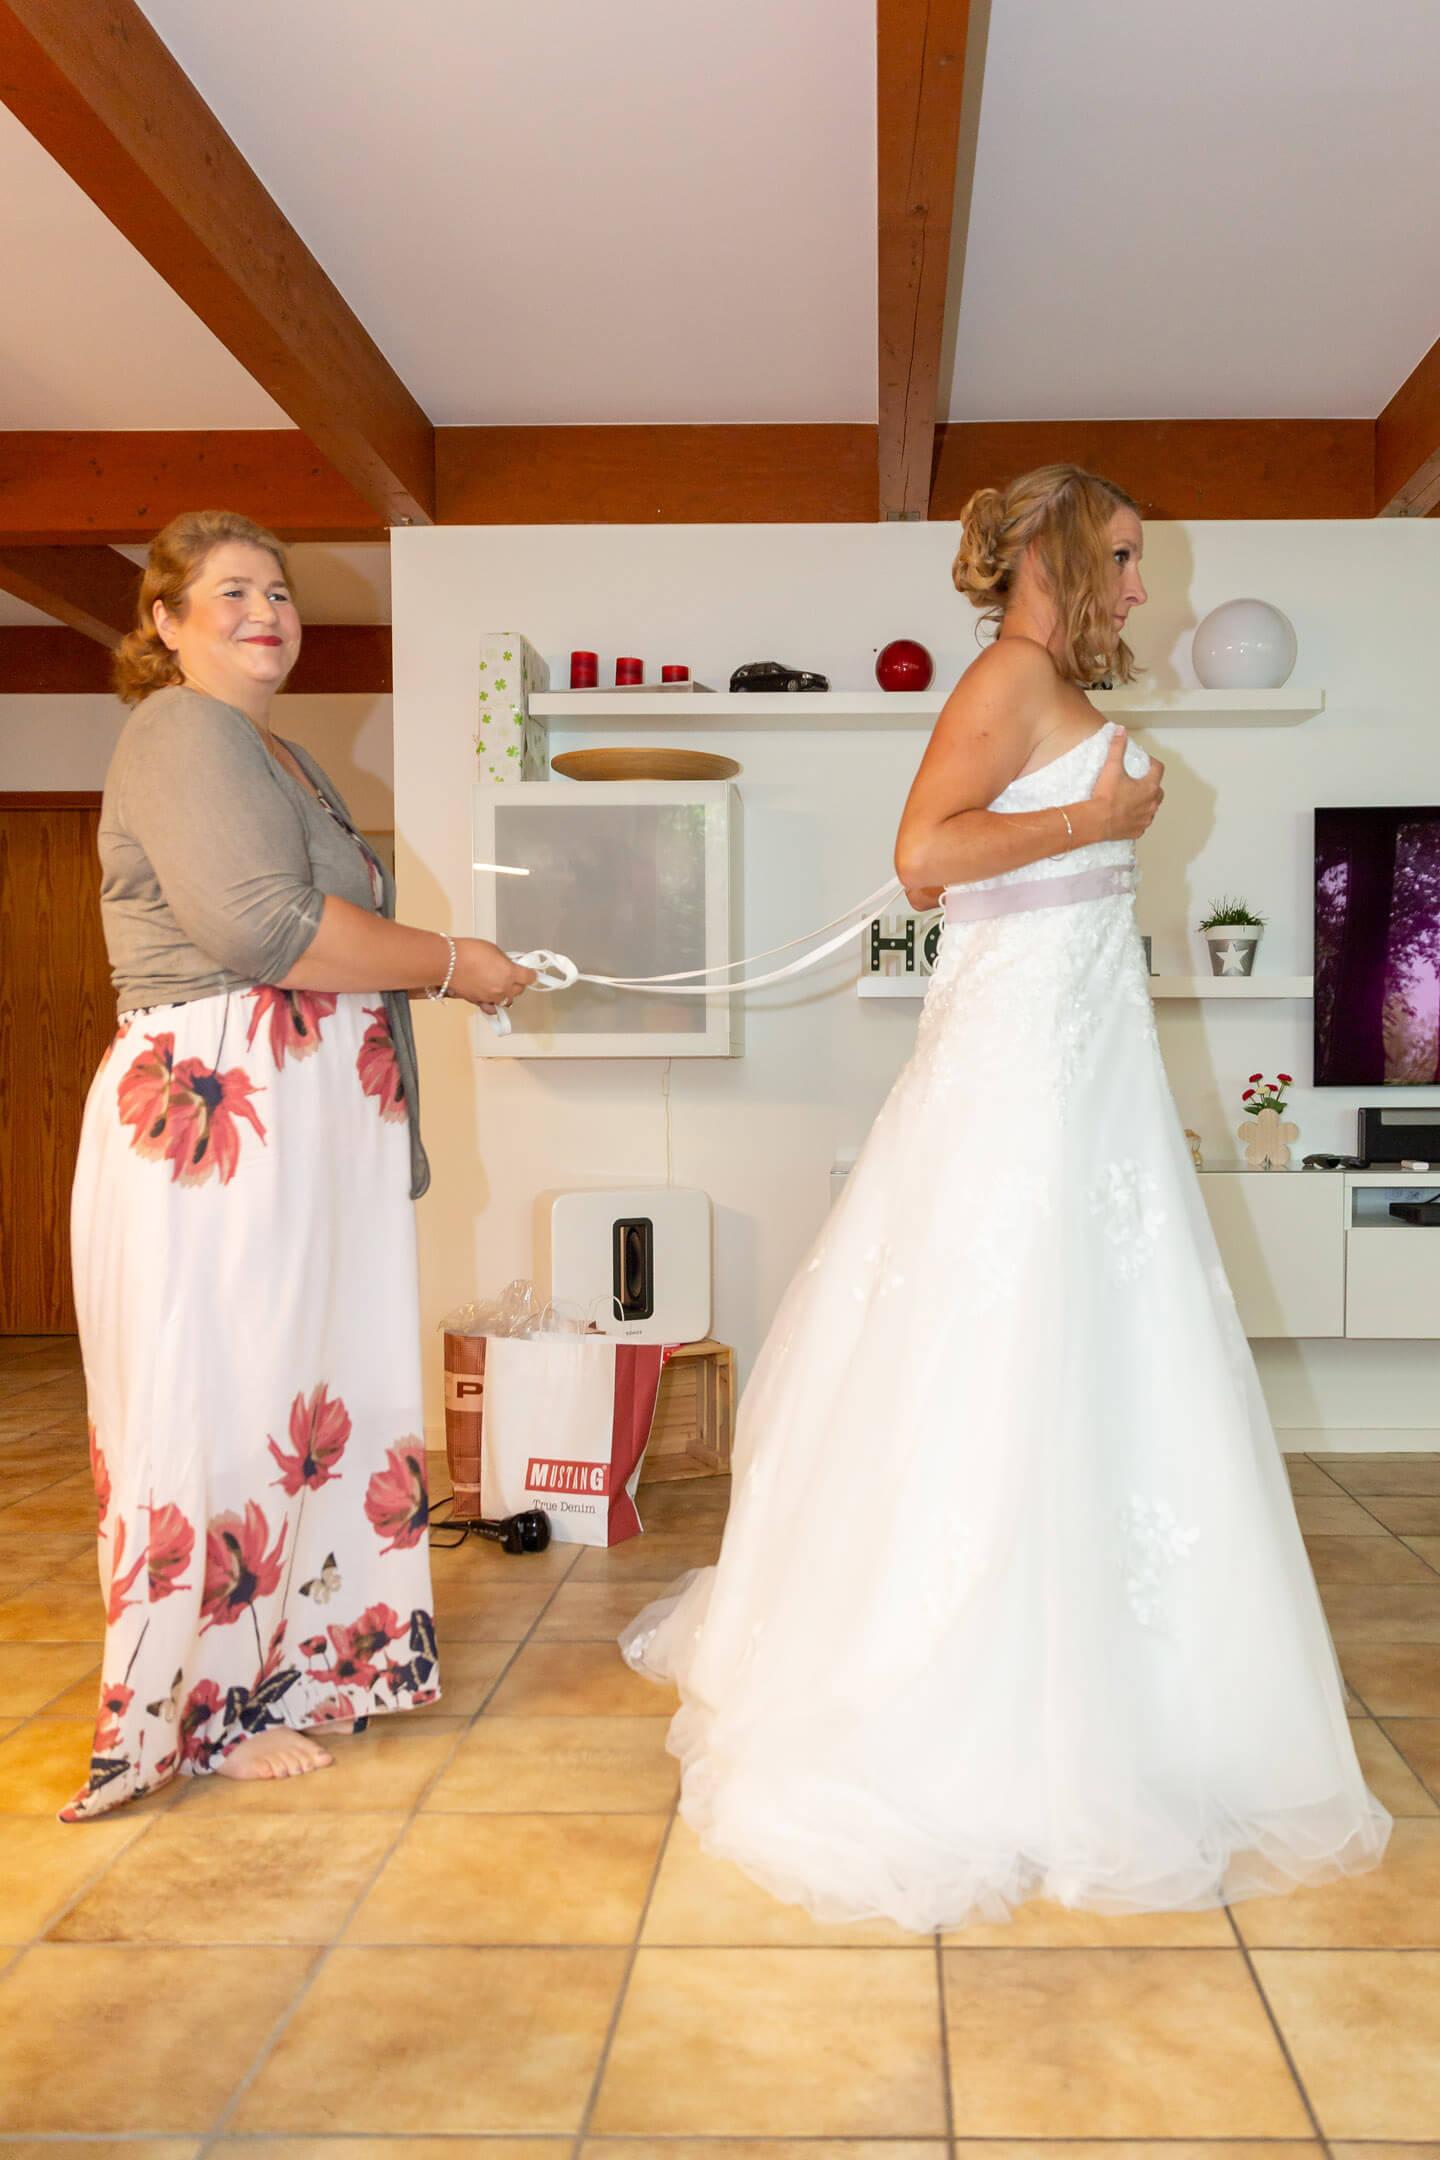 Braut wird in ihrem Hochzeitskleid eingeschnuert